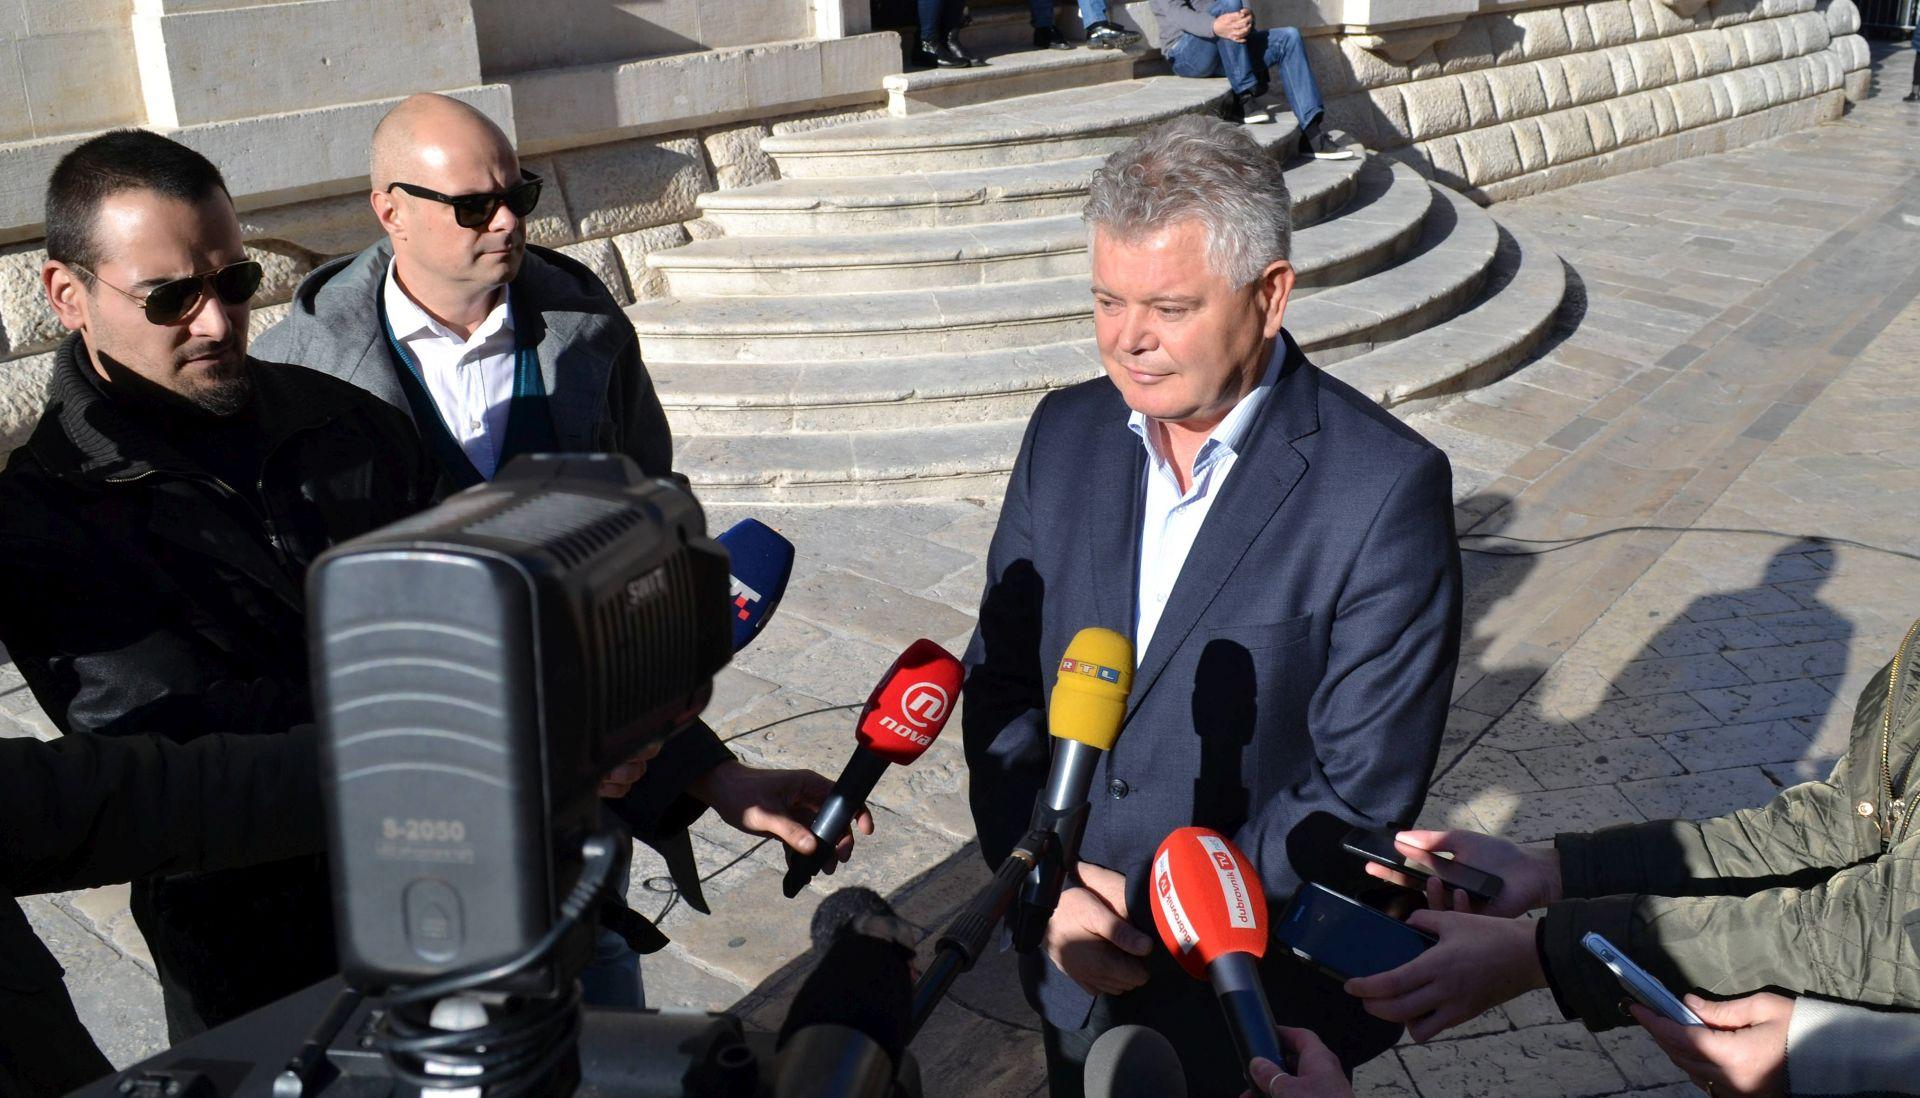 VLAHUŠIĆ: 'HDZ i Most ne znaju raditi svoj posao'